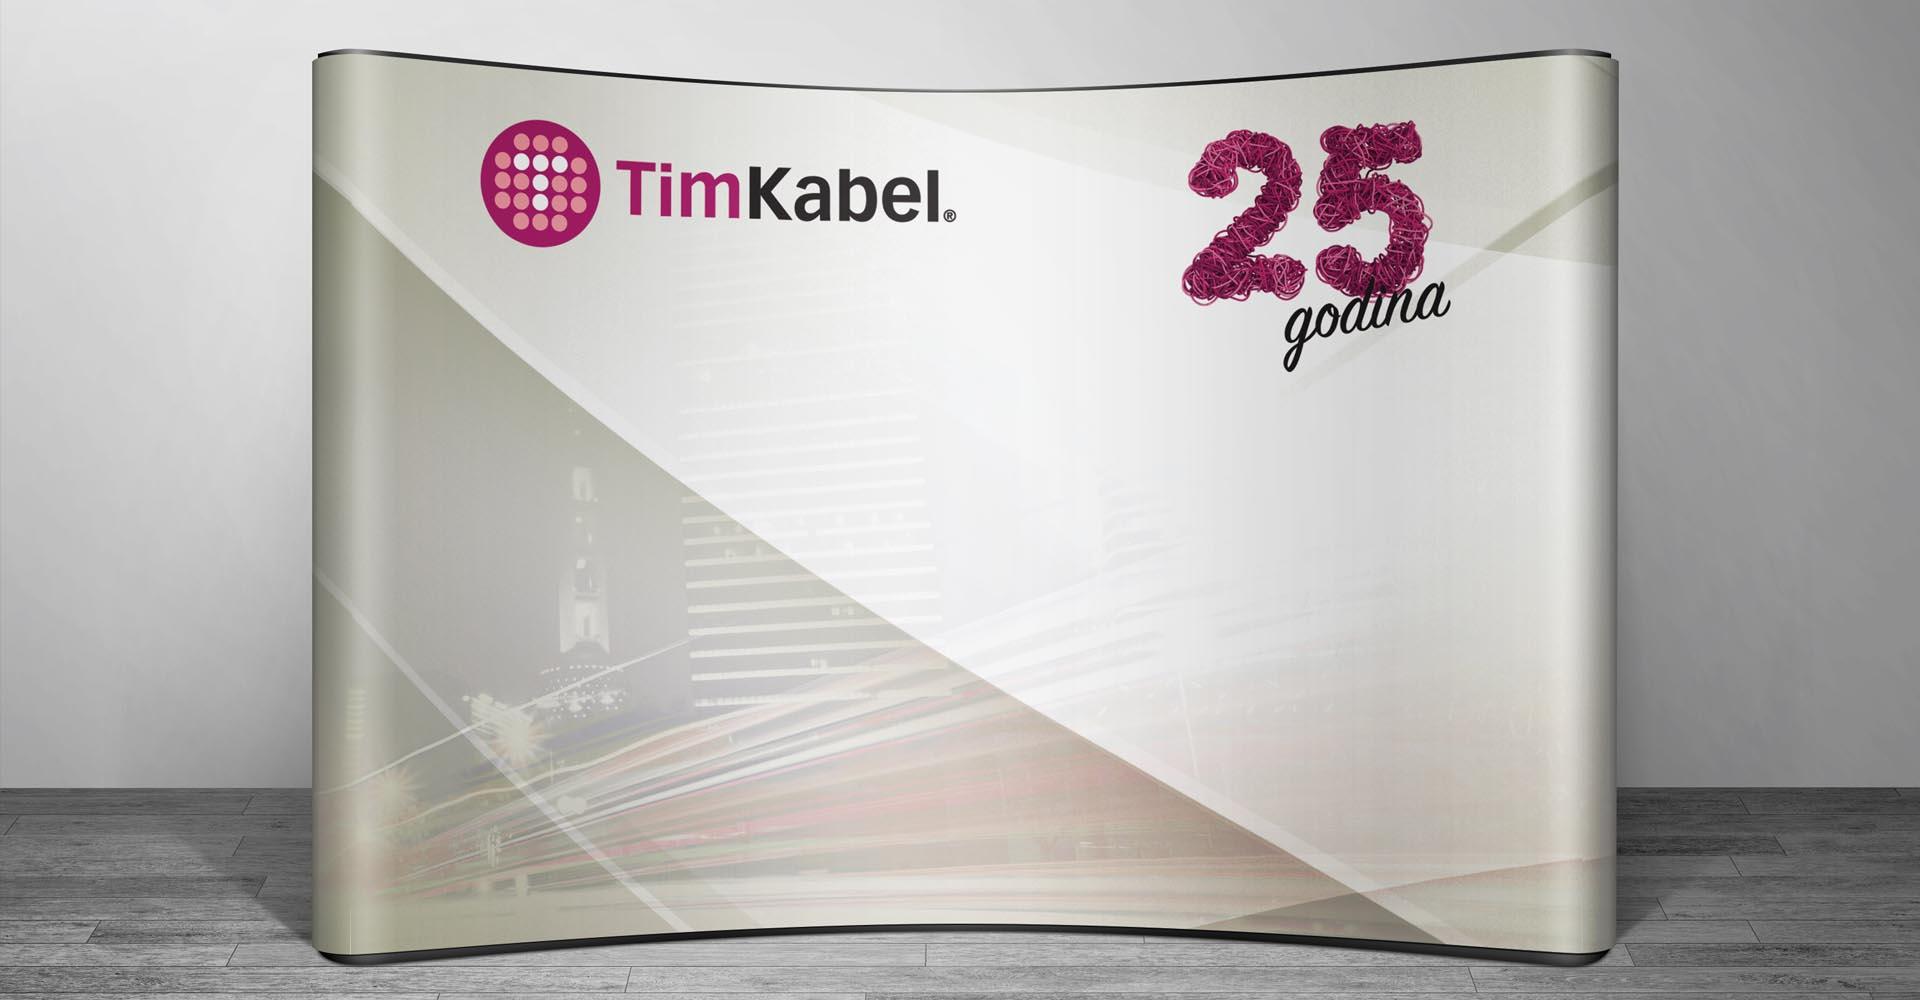 Tim-kabel photo wall